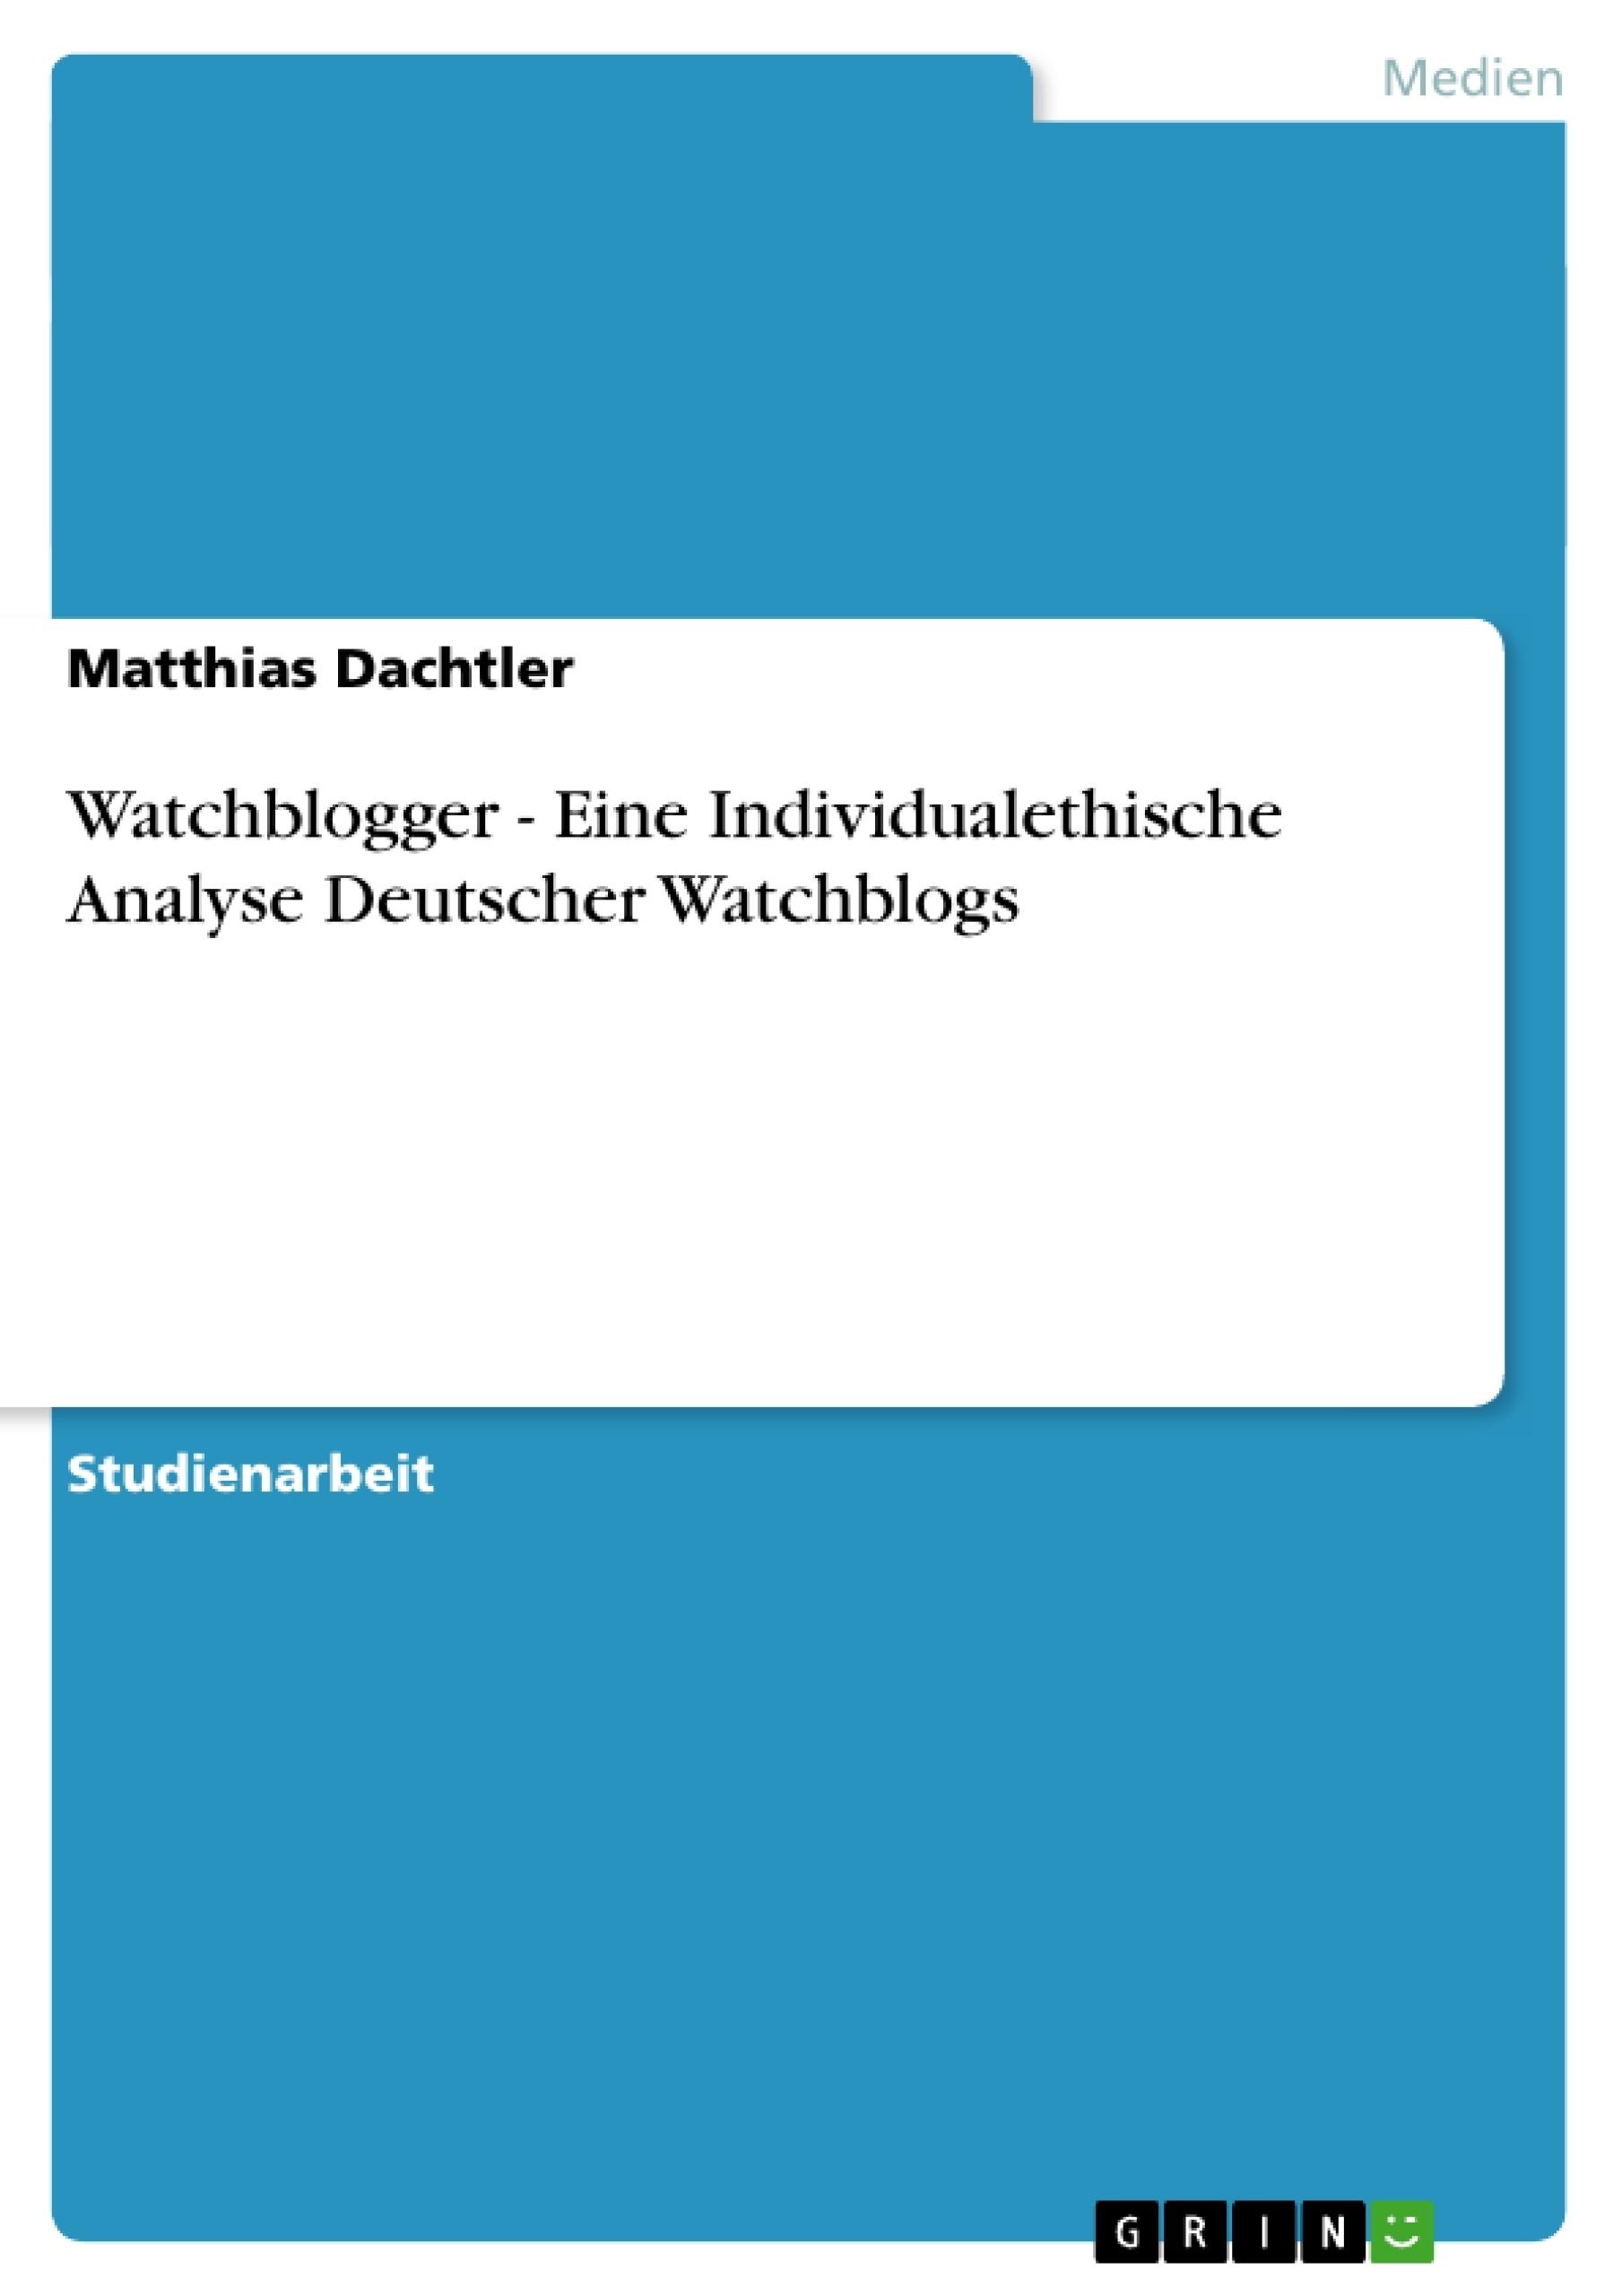 Titel: Watchblogger - Eine Individualethische Analyse Deutscher Watchblogs